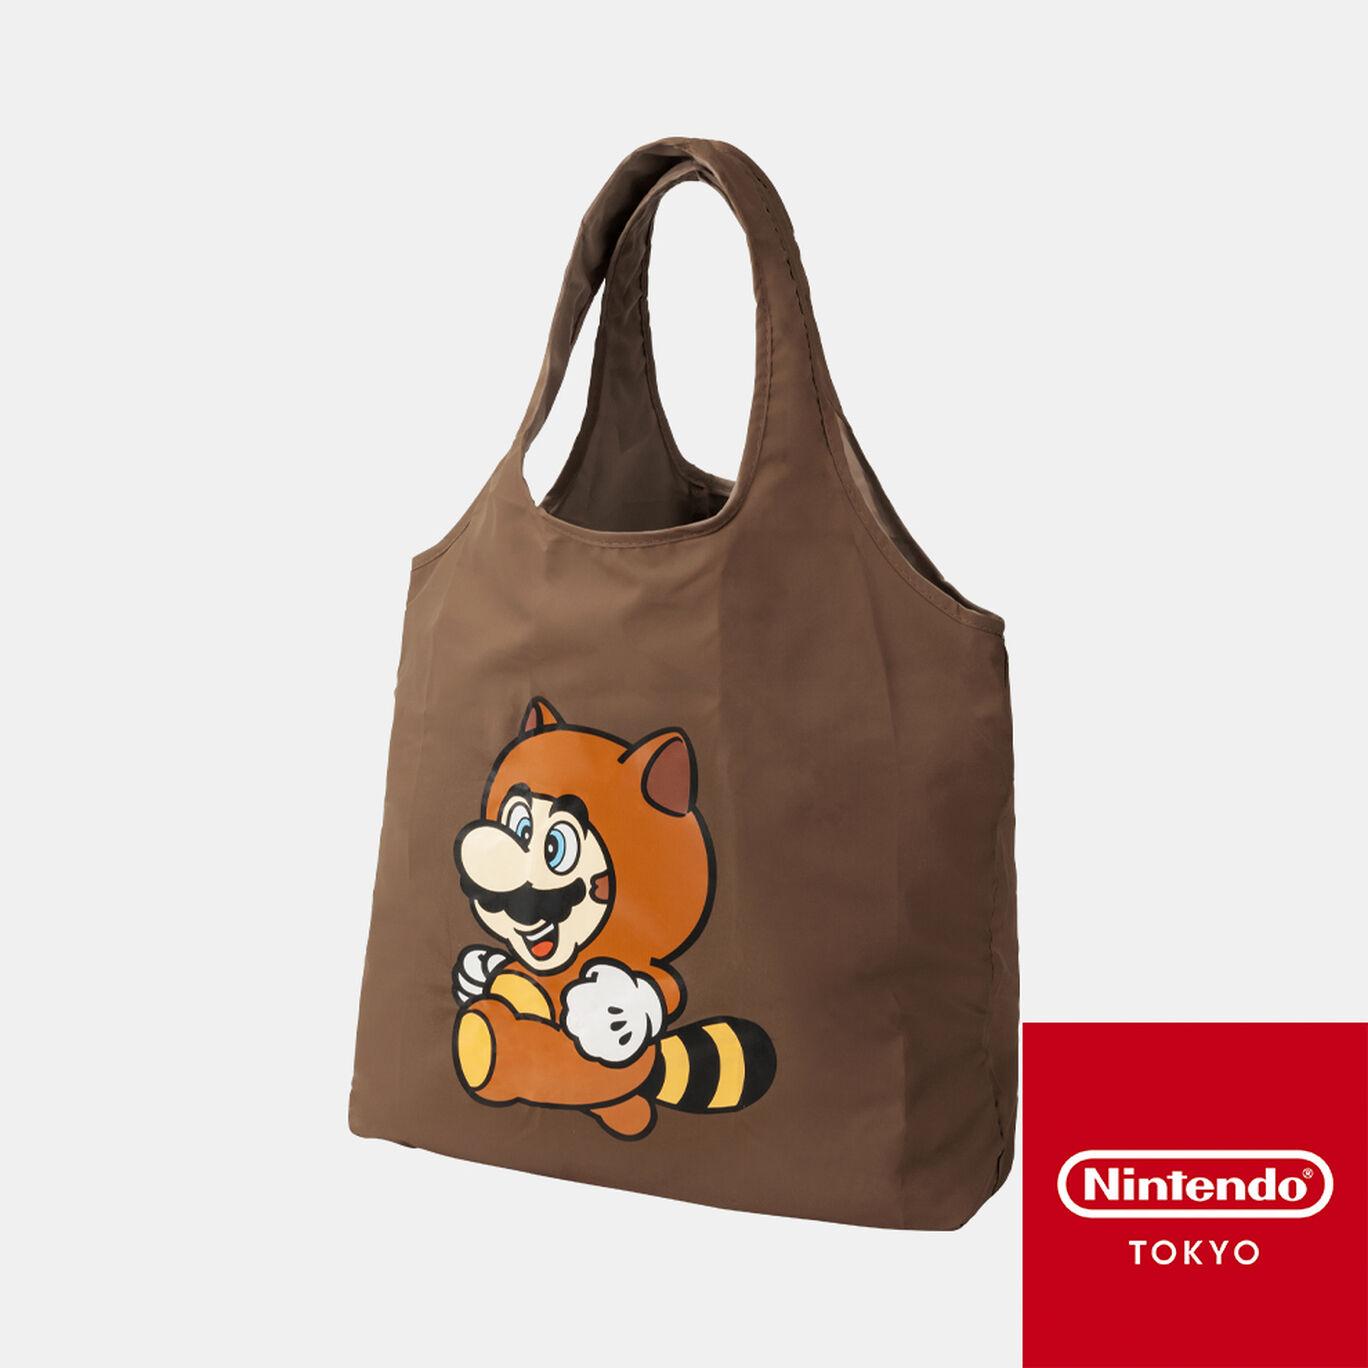 折りたたみバッグ スーパーマリオ パワーアップ C【Nintendo TOKYO取り扱い商品】